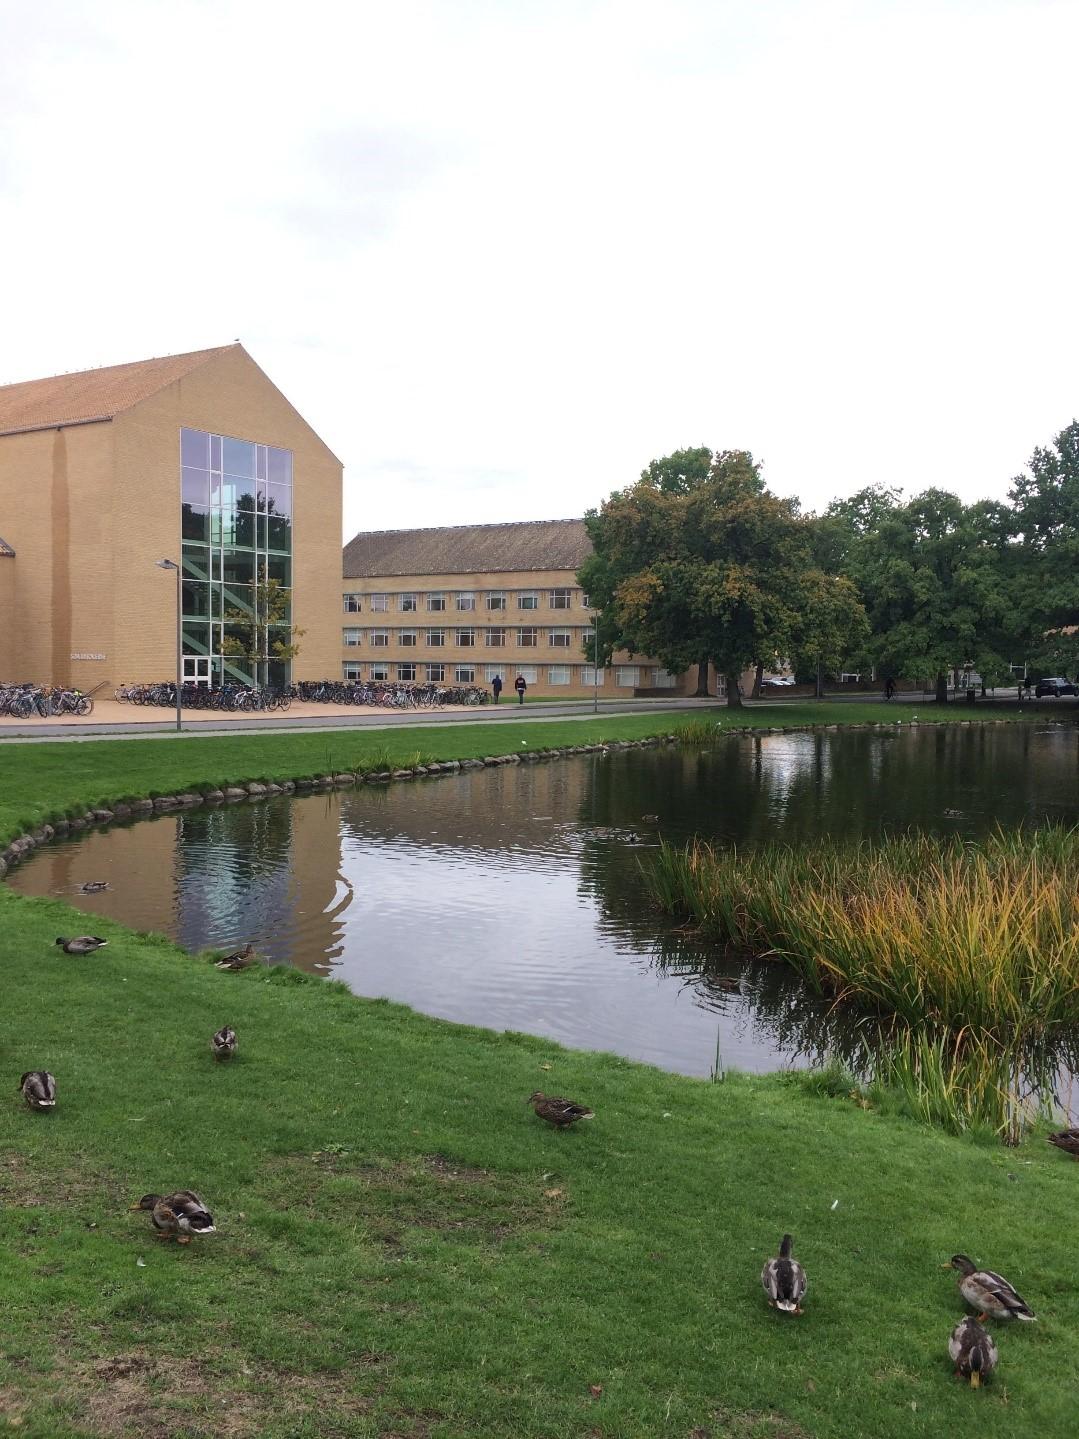 Parc de l'université d'Aarhus